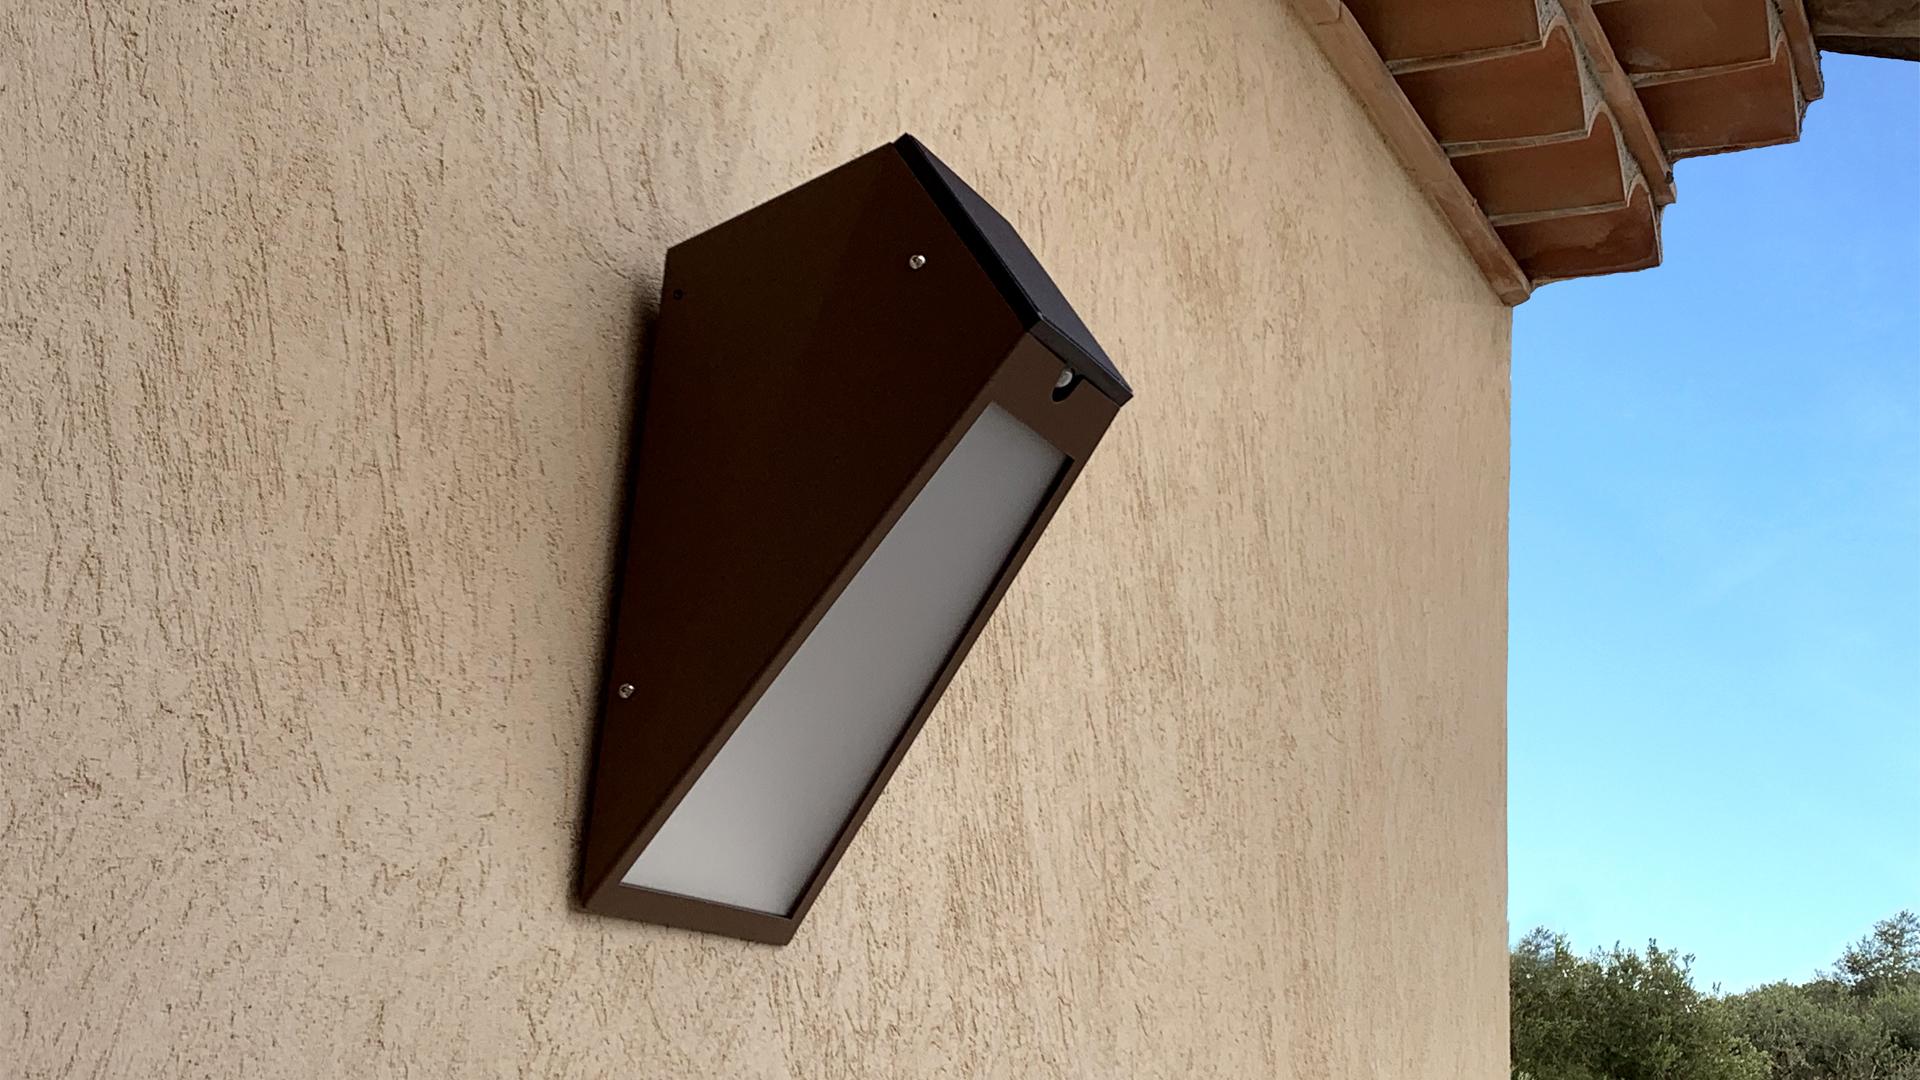 L'applique solaire extérieure APS 025 LYX Luminaires est fabriquée en acier rouille Corten. Cette applique murale solaire puissante d'extérieur est équipée d'un capteur solaire performant. Cette lampe solaire extérieure murale fait partie avec les appliques murales LED basse consommation LYX Luminaires de la vaste collection d' appliques murales extérieures LYX Luminaires. L'applique murale design APS 025 est idéale pour l'éclairage de piliers, l'éclairage de portail, l'éclairage de façade, l'éclairage d'entrée, l'éclairage de terrasses, l'éclairage de balcons. Une applique solaire extérieure design pour un éclairage mural moderne et un éclairage mural puissant.